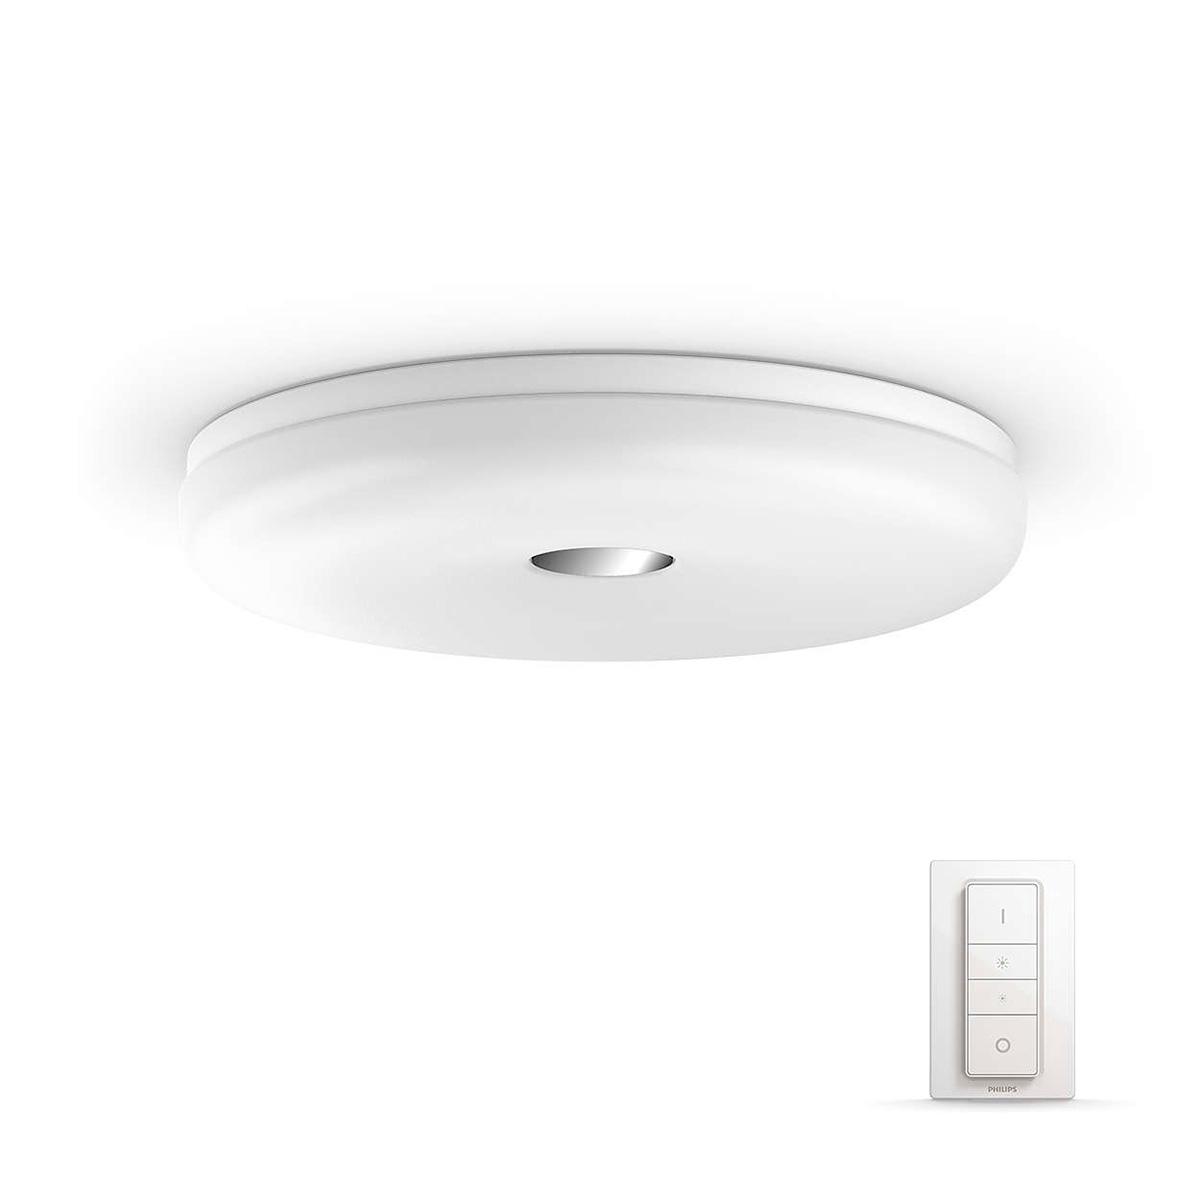 Billede af Philips Hue loftlampe - White ambiance - Struana - Hvid